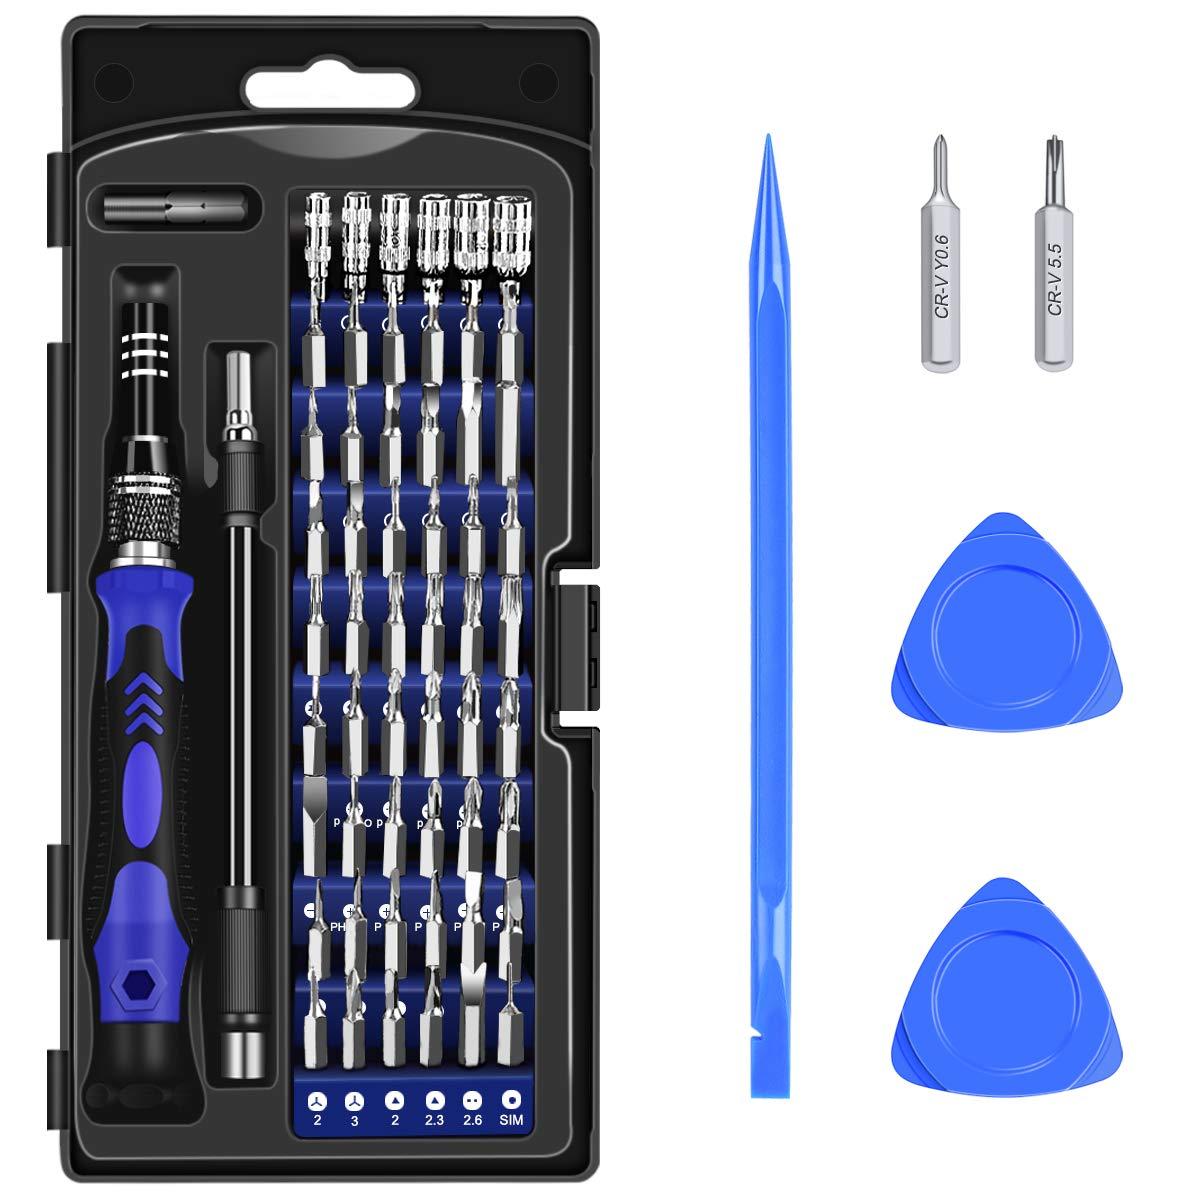 PC pour t/él/éphone Portable Tablette Diyife 63 en 1 Tournevis Set avec 56 Bits Set de Tournevis magn/étique Set Set Montre etc Macbook